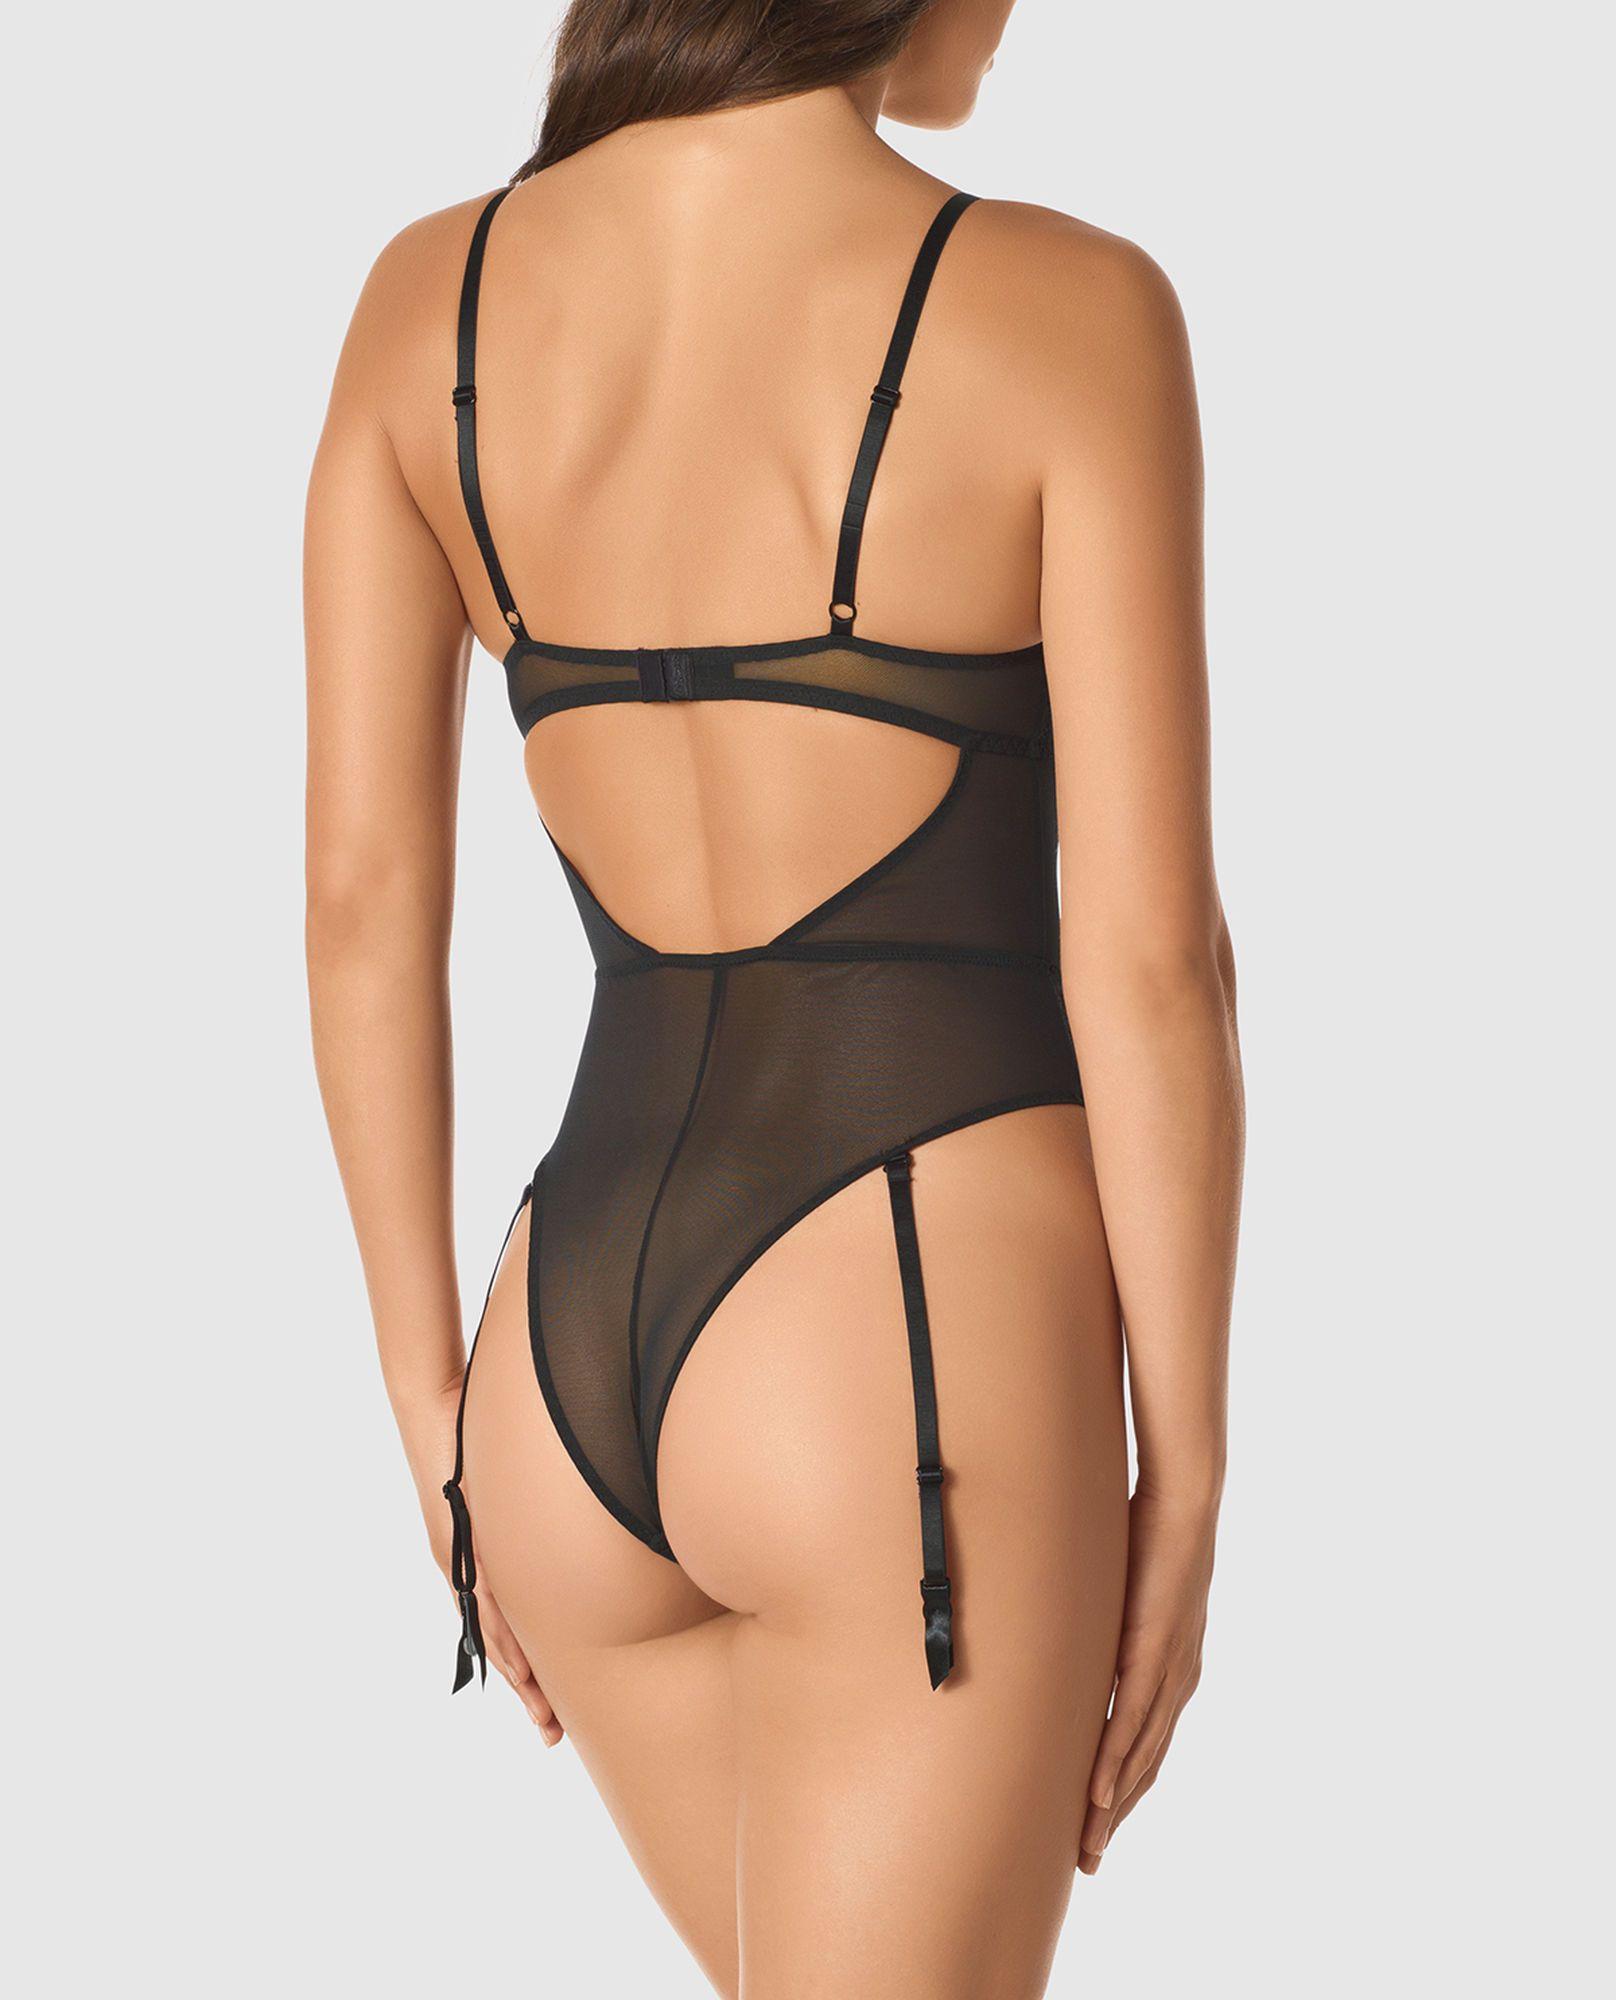 67601352776 Unlined Lace Bodysuit with Garter Straps - New - La Senza Lingerie